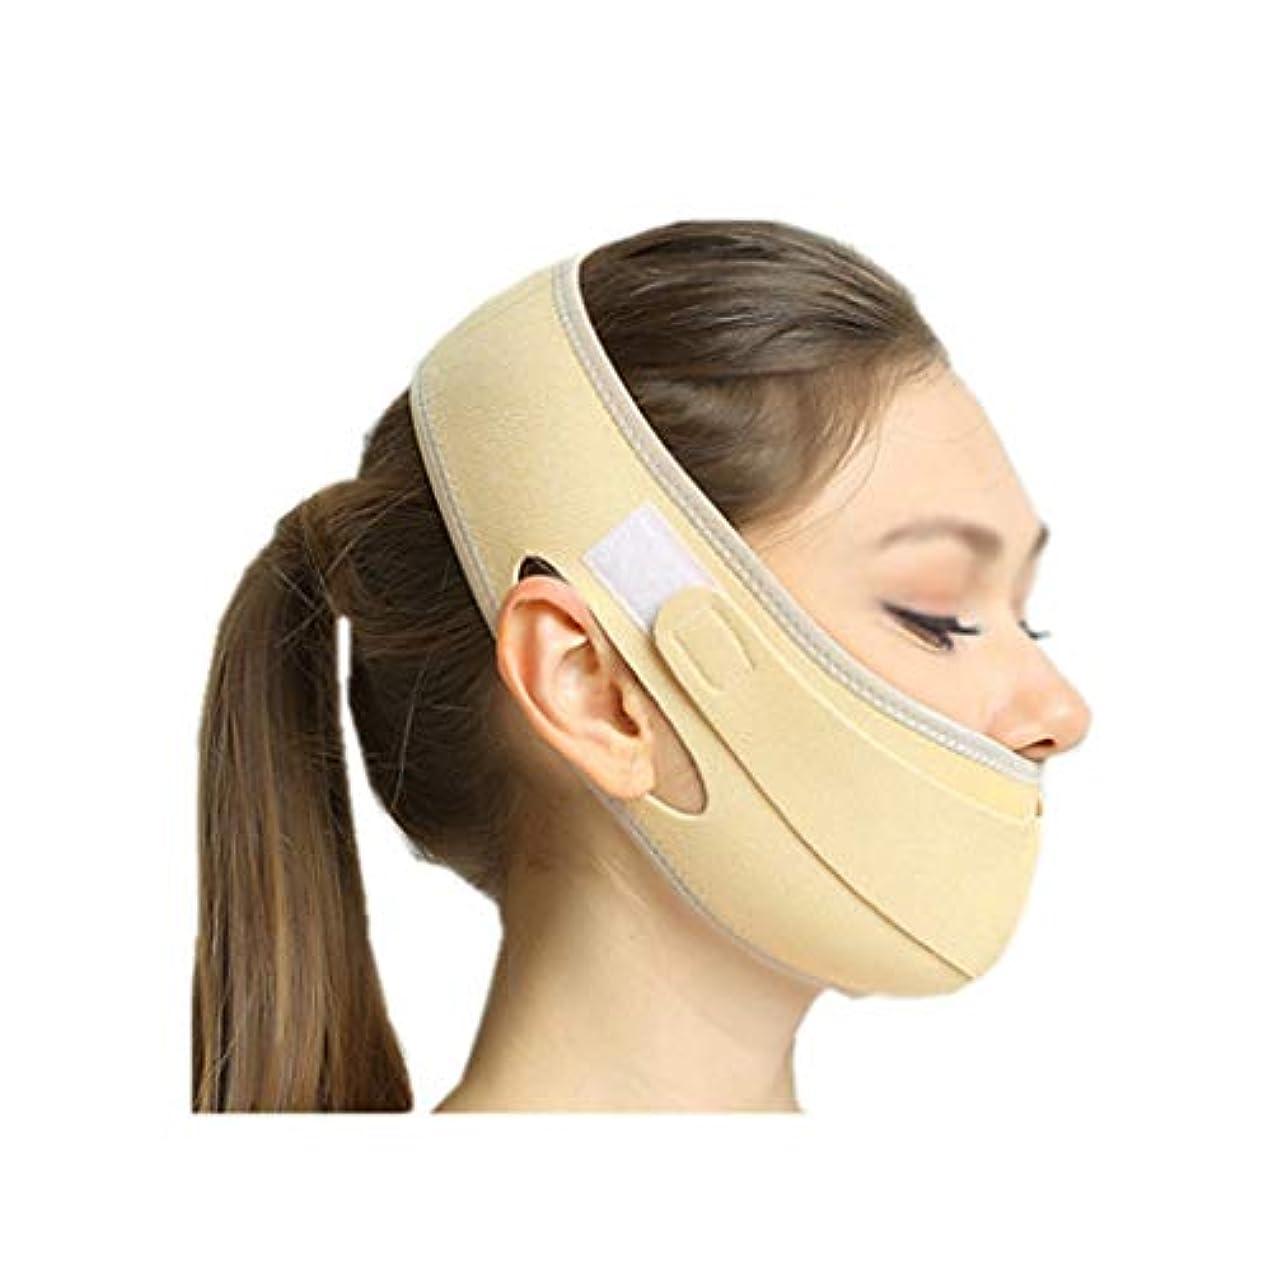 保持する定説最後にXHLMRMJ 薄い顔で眠り、ラインカービング後に包帯を復元し、薄いダブルチンがマスクマスクを持ち上げ、2つのスタイルから選択できます (Color : A)